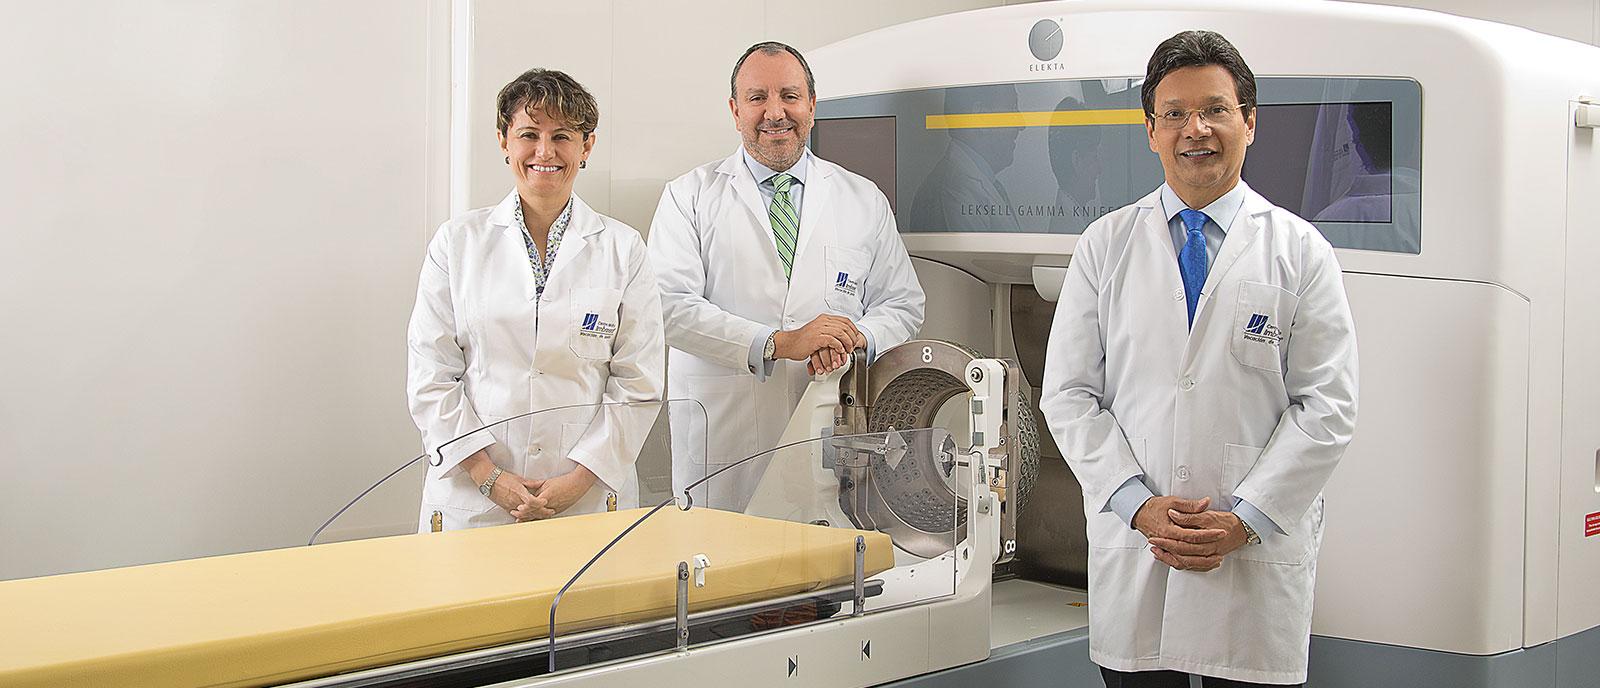 Radiocirugía y Cirugía Estereotáctica (Gamma Knife) - Servicios a ...